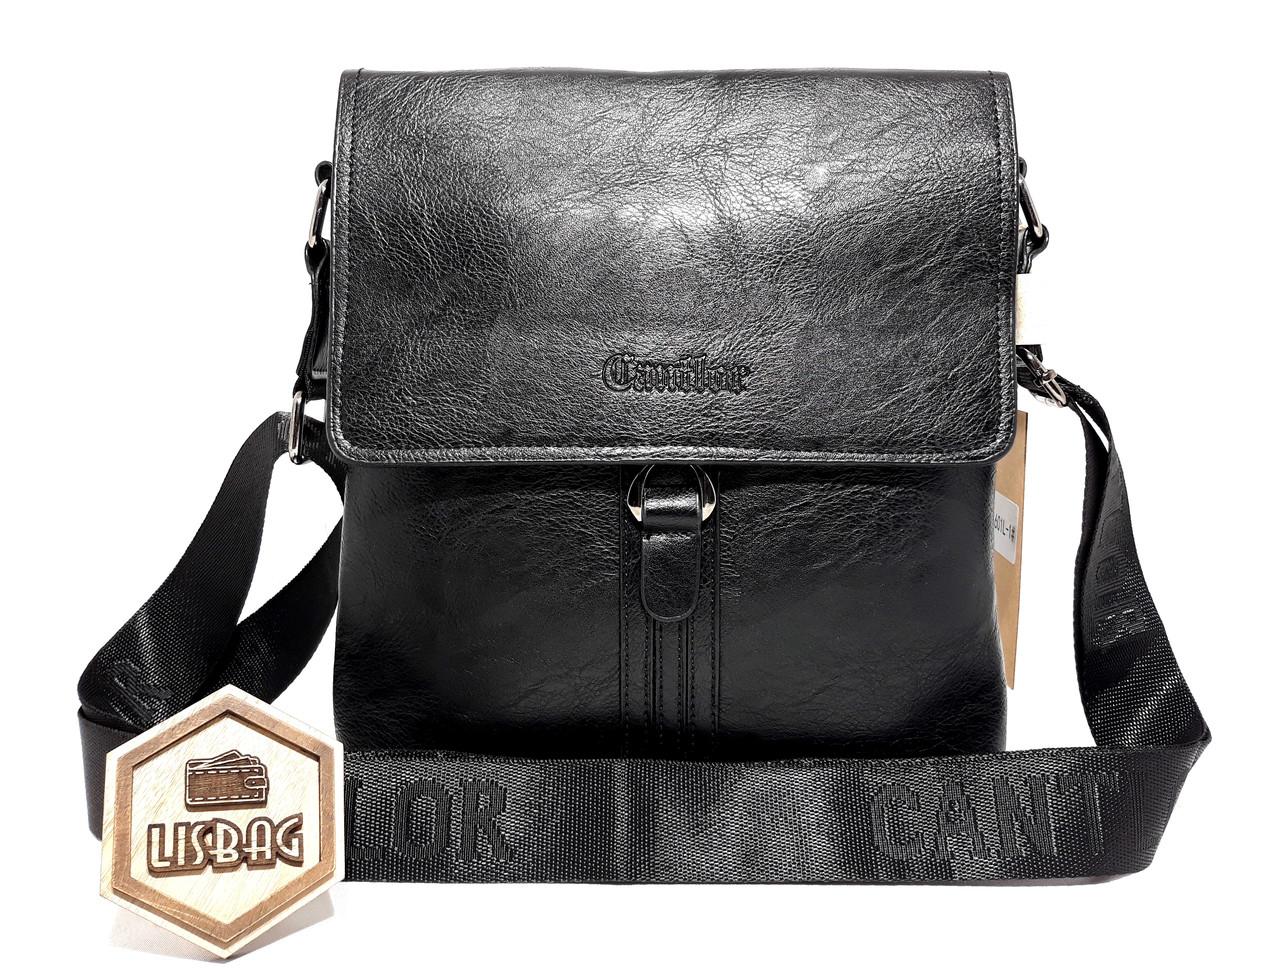 94491f1a3633 Мужская повседневная сумка планшетка Cantlor хорошего качества Черная -  Интернет магазин Lisbag в Умани